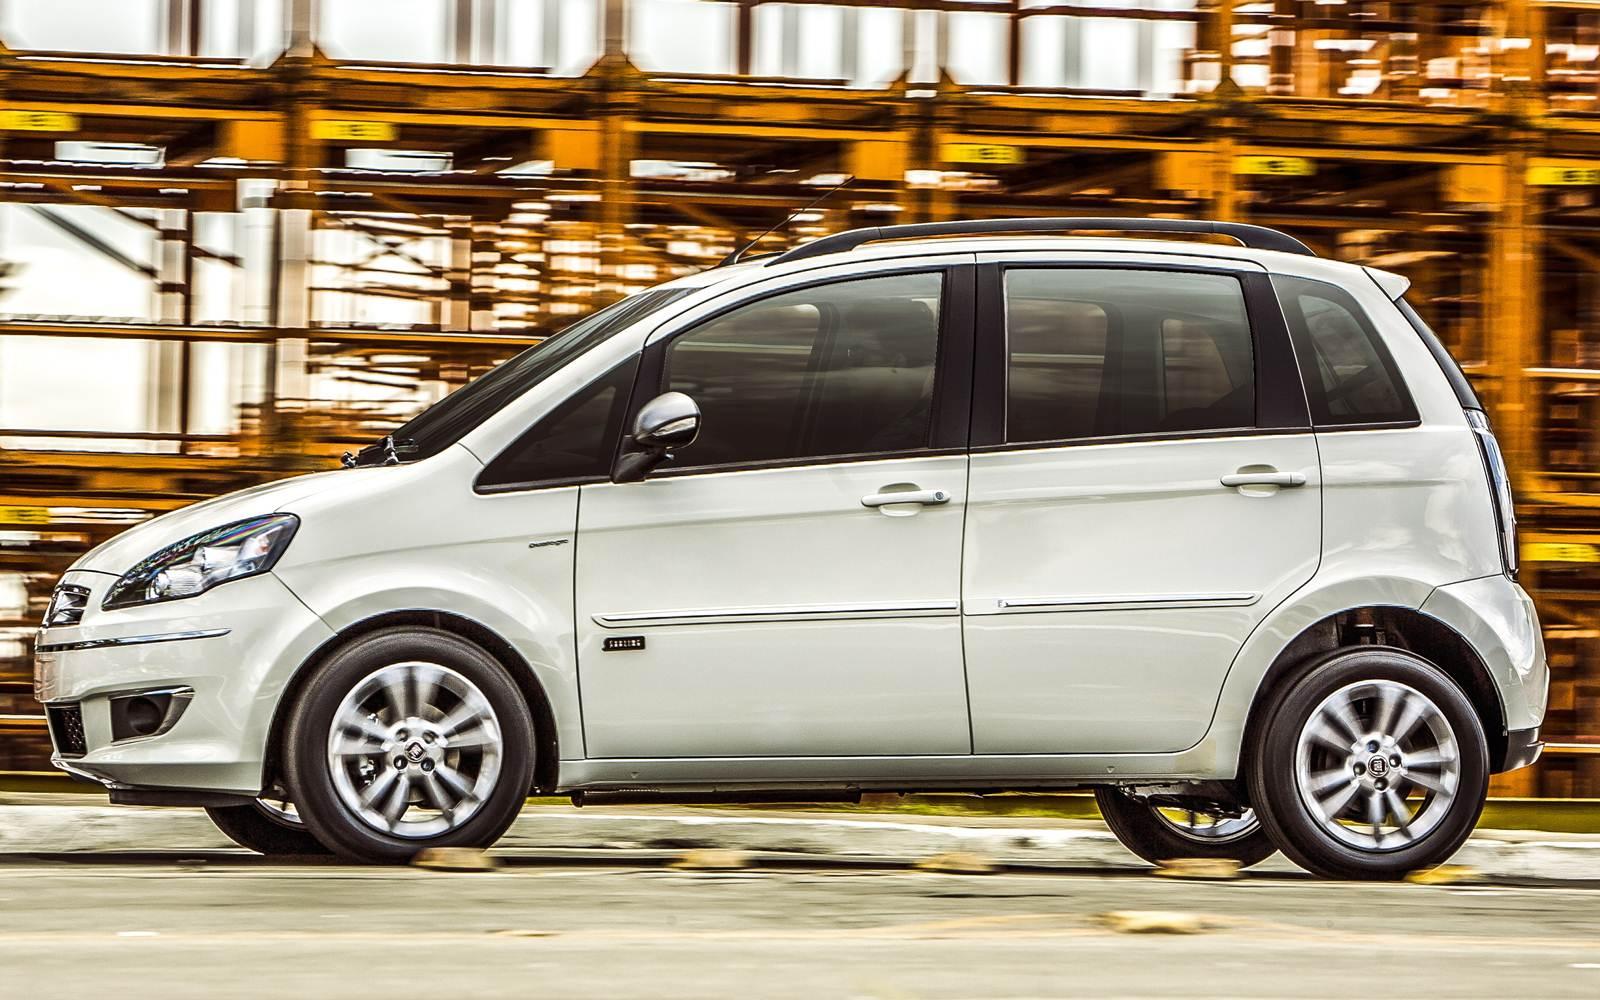 Fiat idea sublime 2014 pre o parte de r car blog br for Precio fiat idea essence 2014